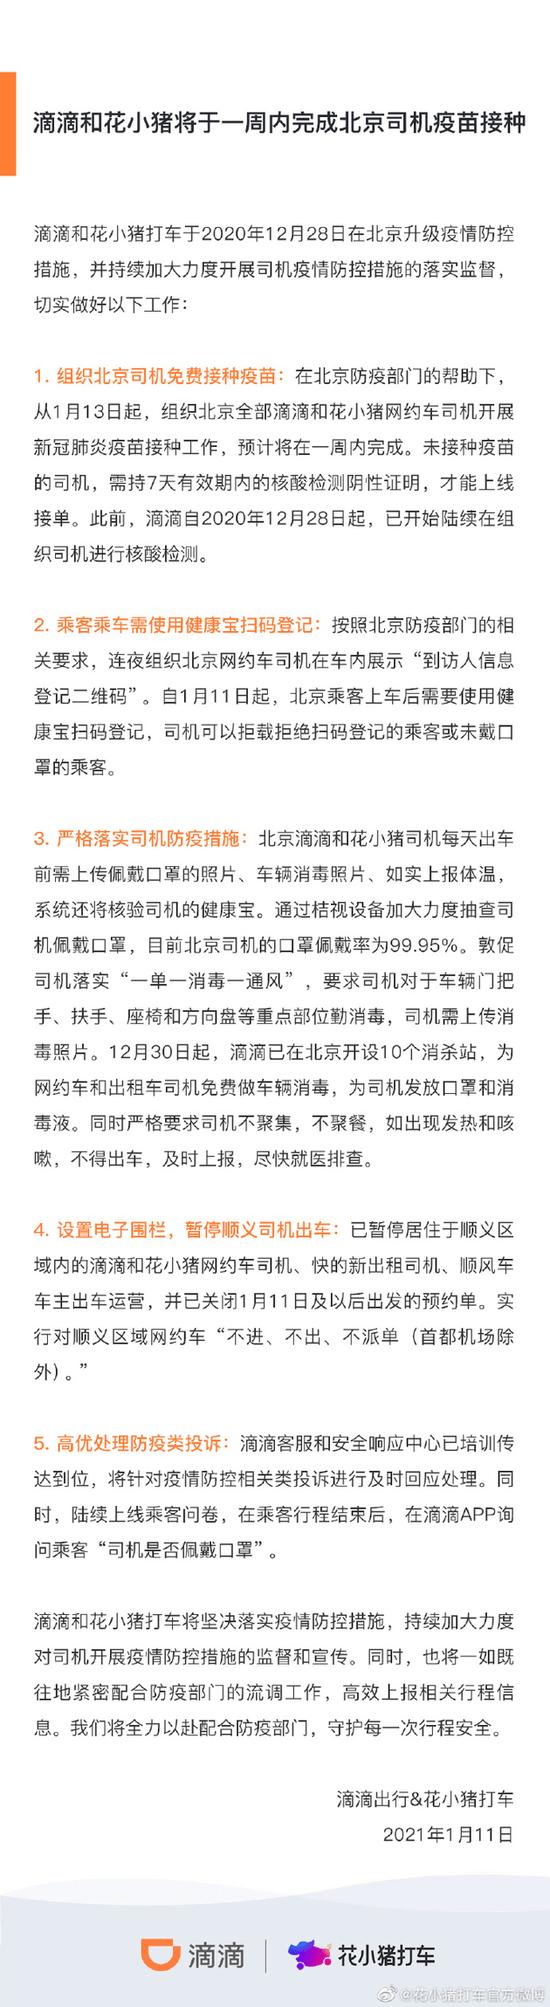 滴滴出行:滴滴和花小猪将于一周内完成北京司机疫苗接种